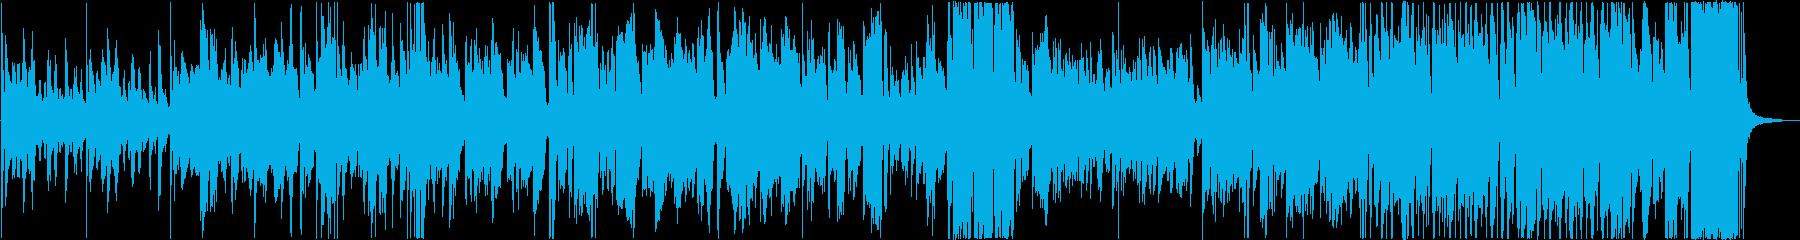 明るいテレビOP風のビッグバンドの再生済みの波形